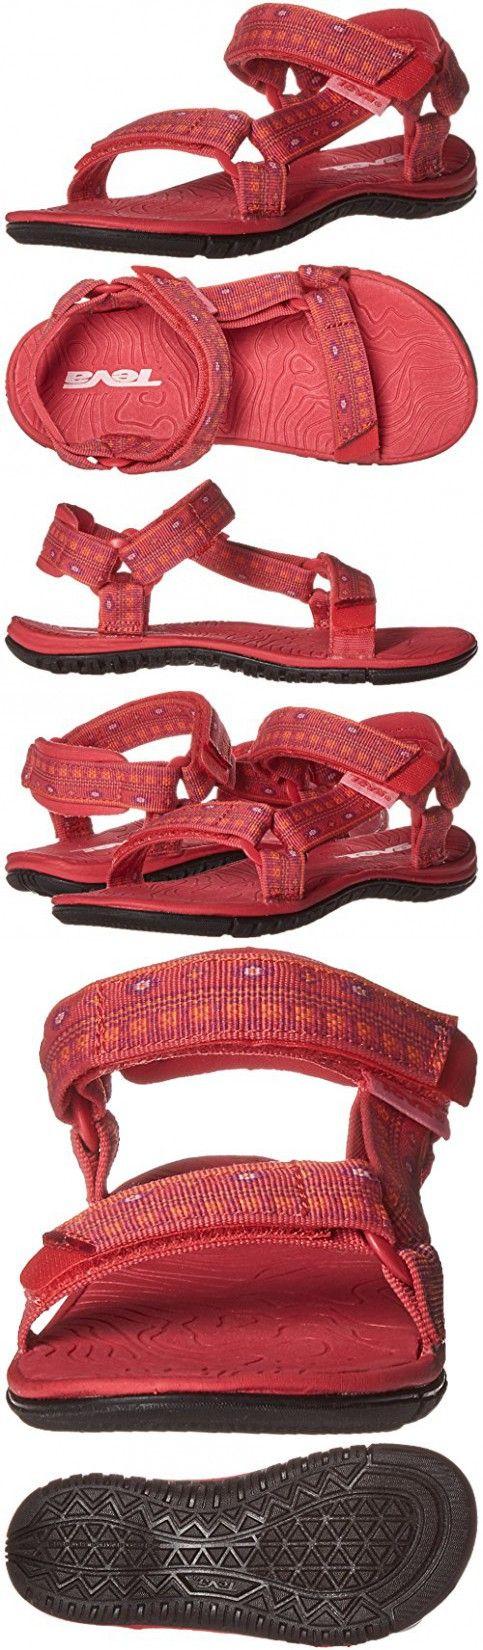 Teva Hurricane 3 Sandal (Toddler/Little Kid/Big Kid), Hippie Paradise Pink, 5 M US Toddler